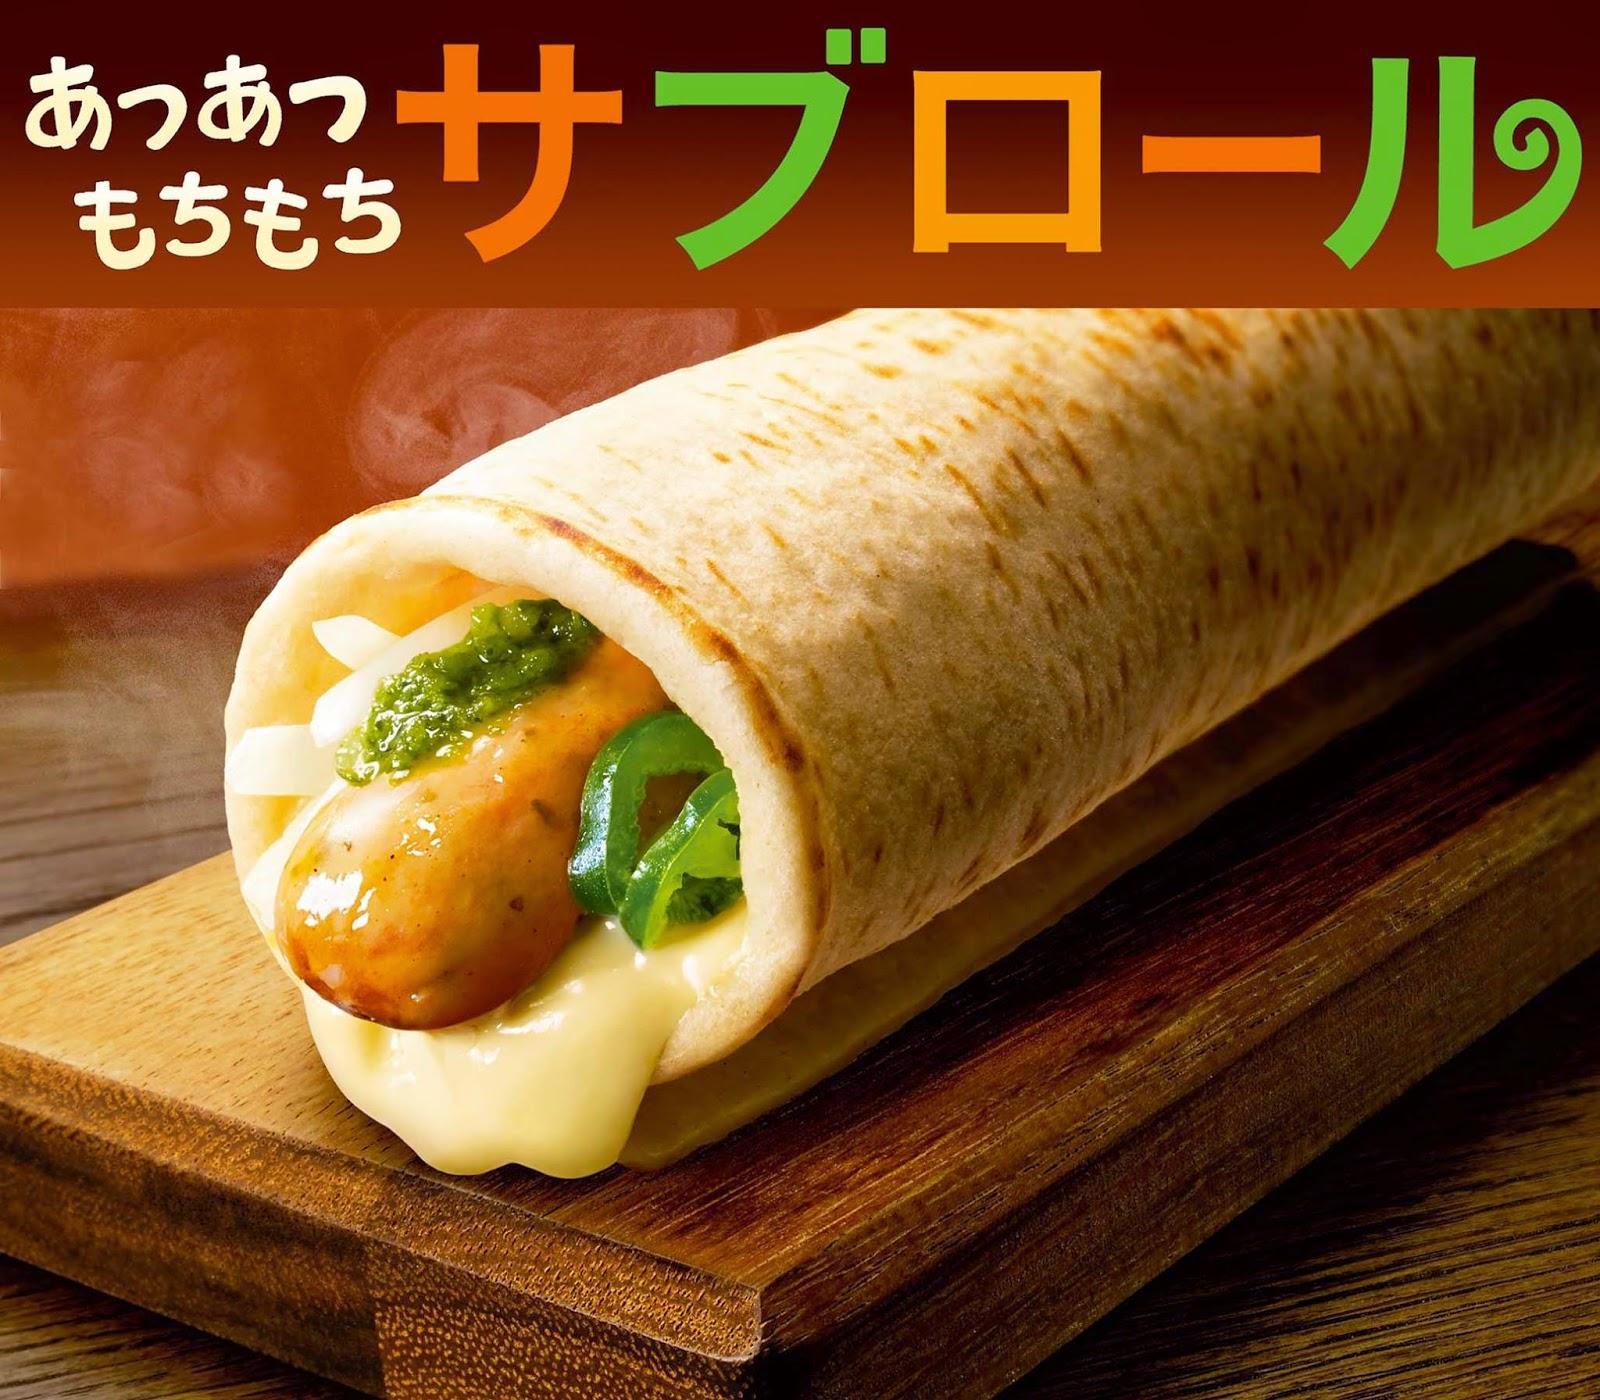 via Food Science Japan